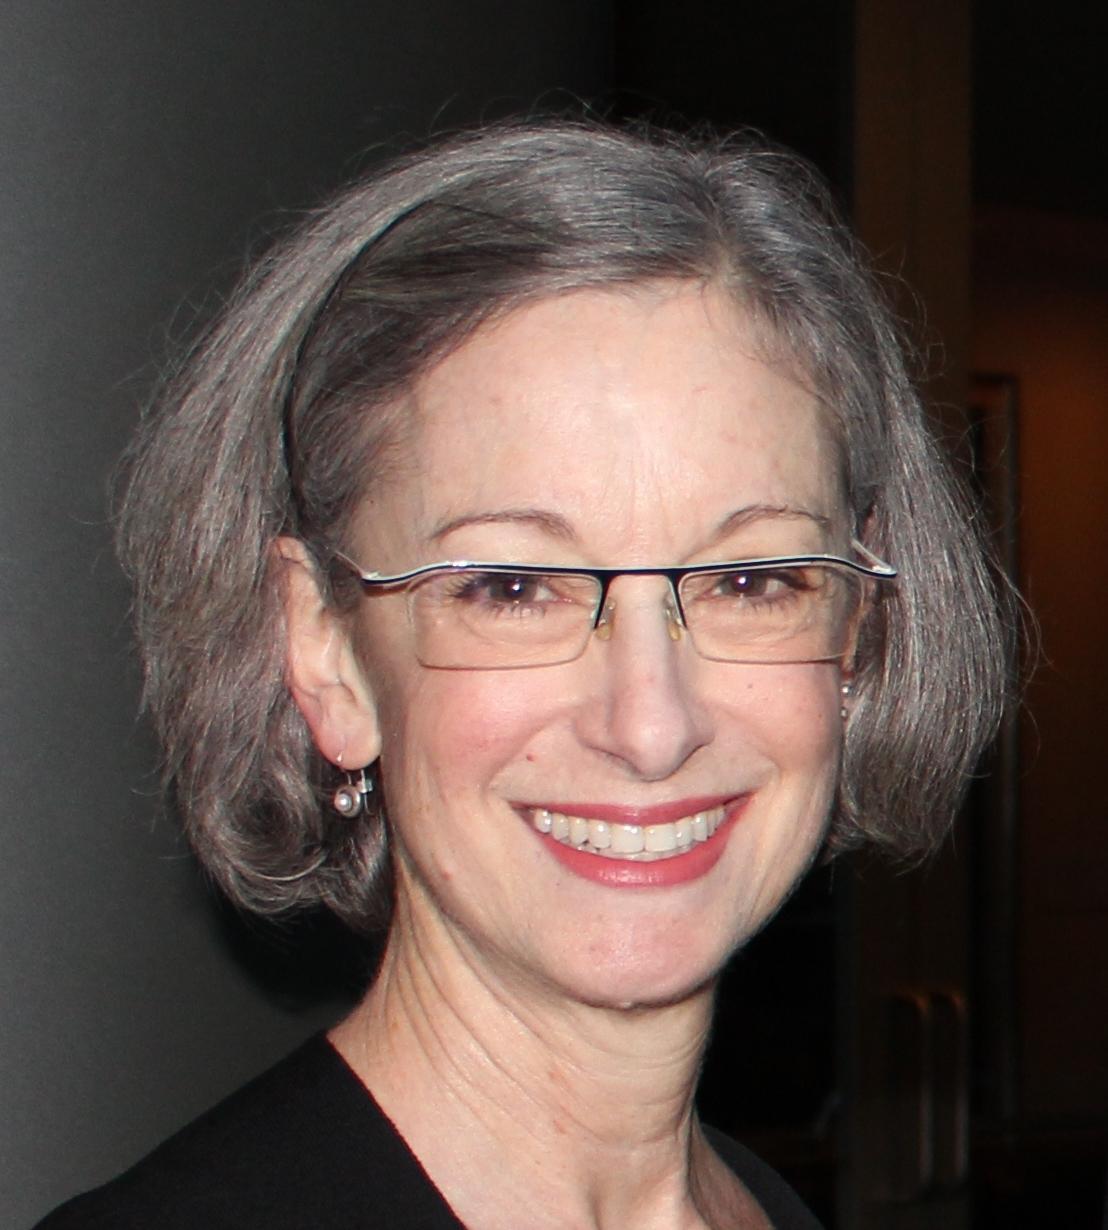 Sarah Rick Lewontin